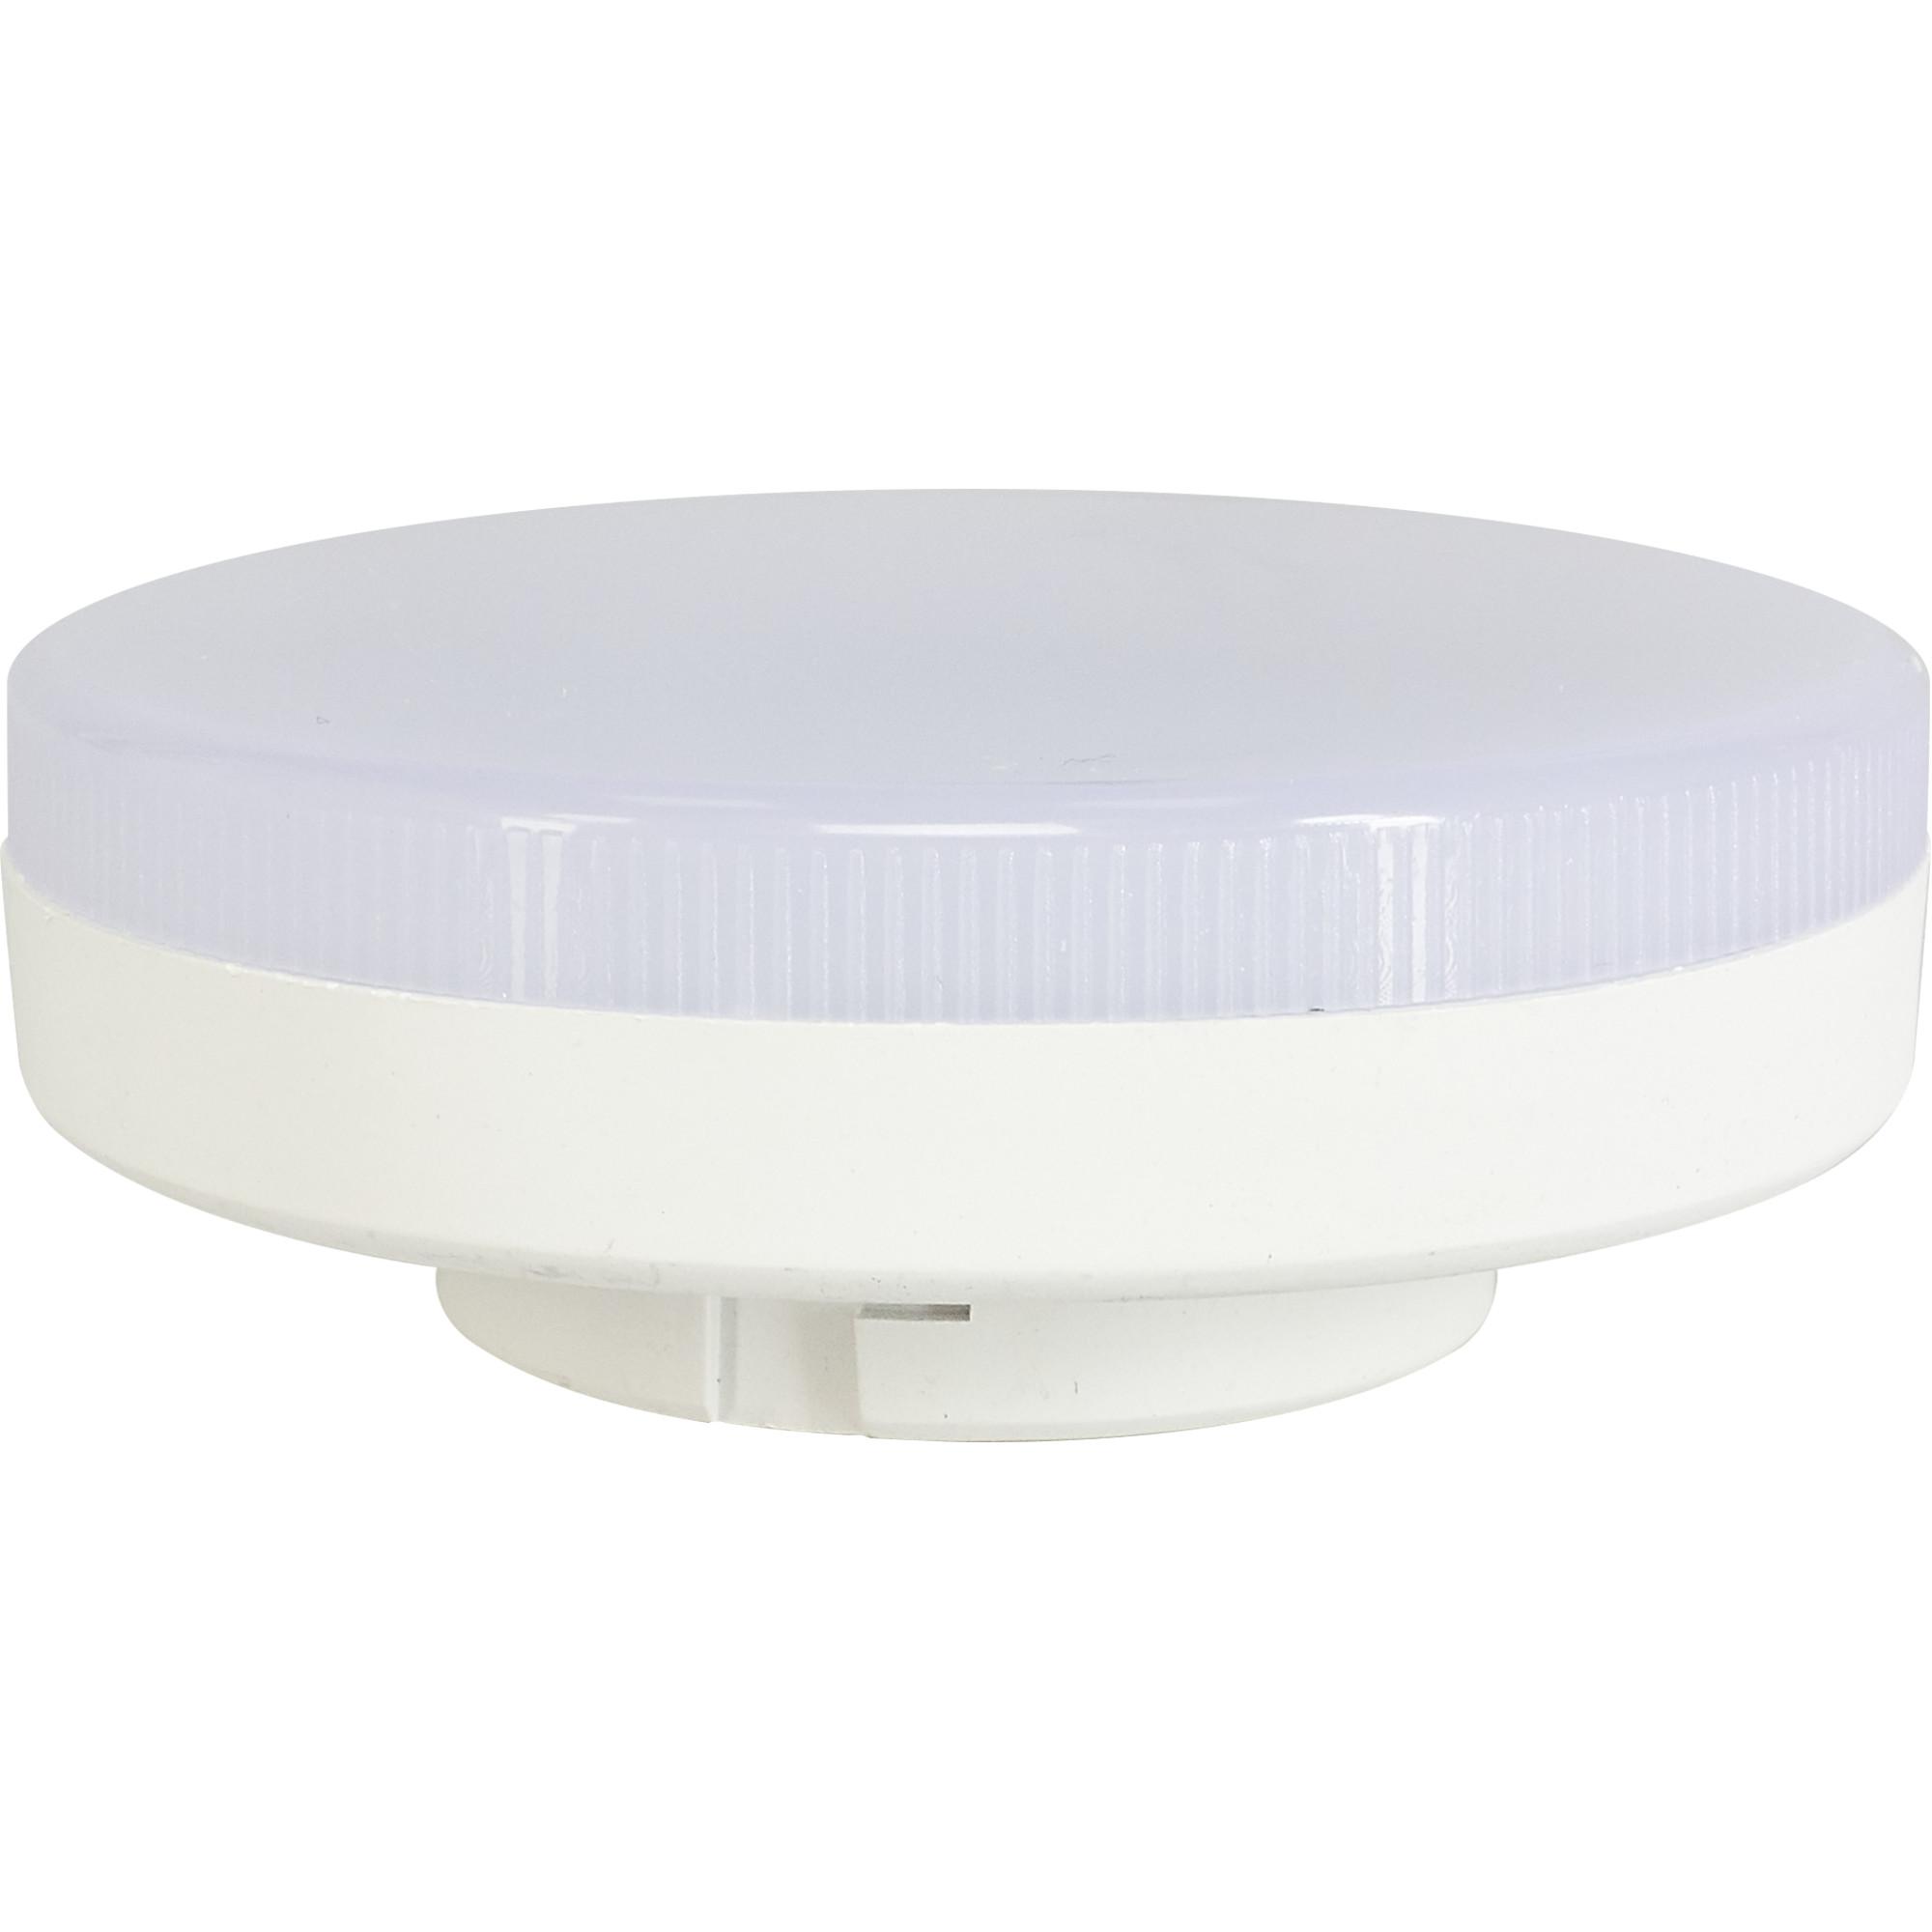 Лампа светодиодная Uniel Gx53 220 В 16 Вт диск белая 1400 лм белый свет